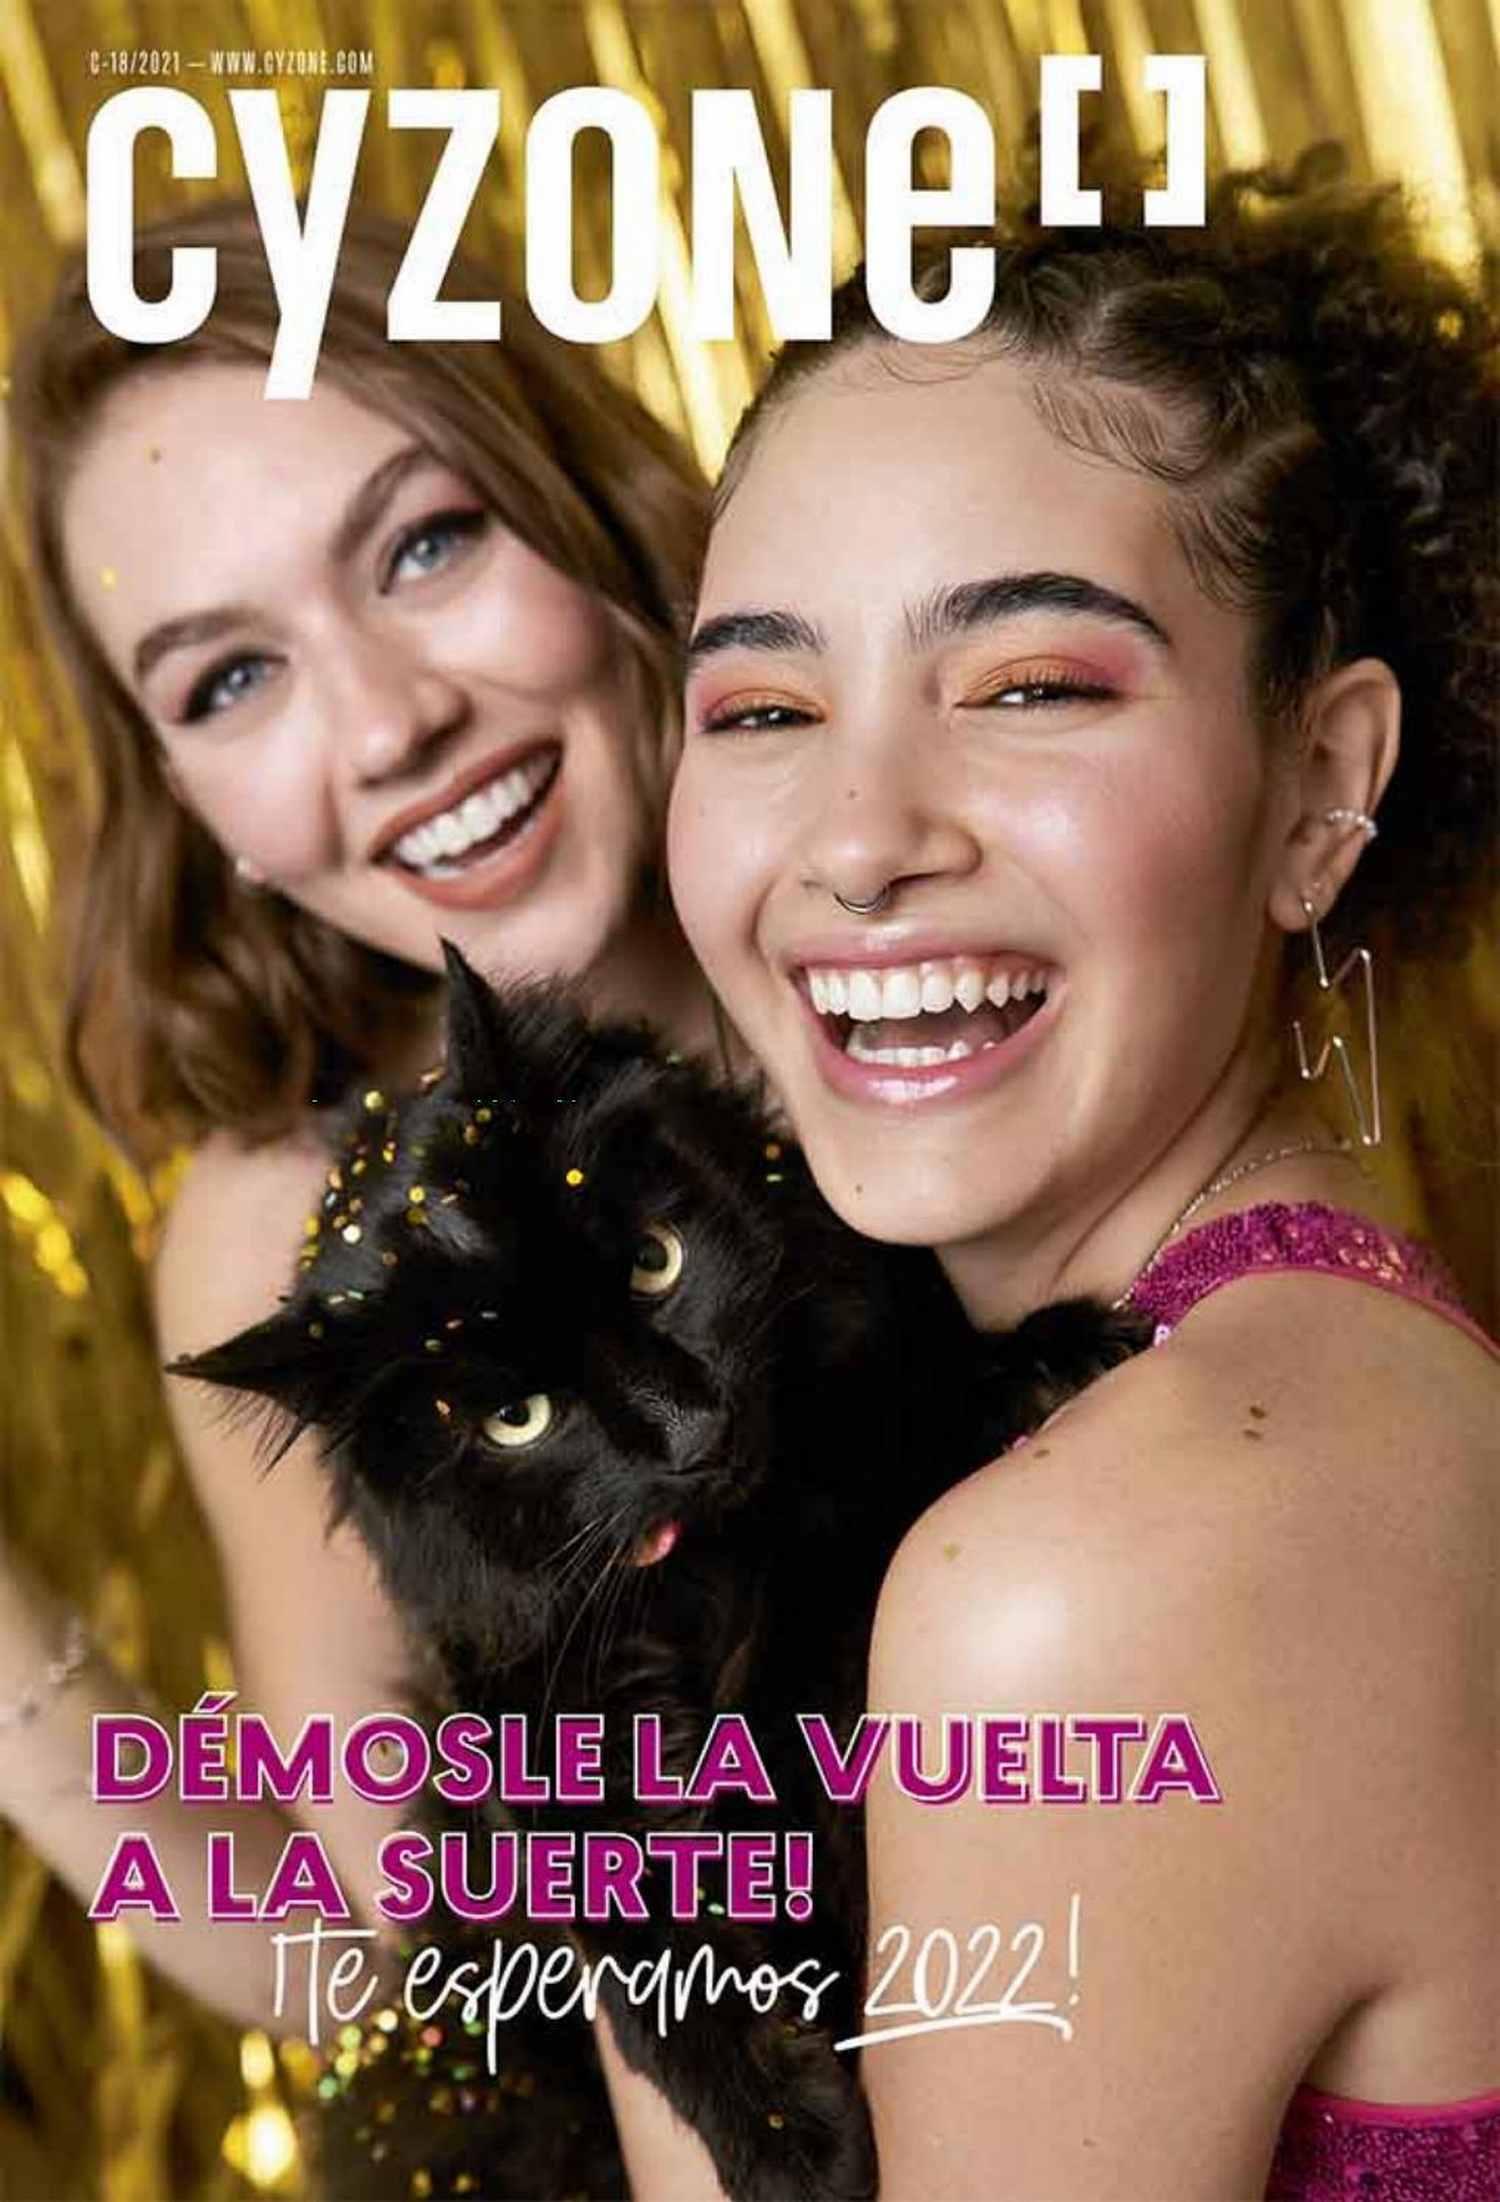 Catálogo Cyzone Campaña 18 2021 México